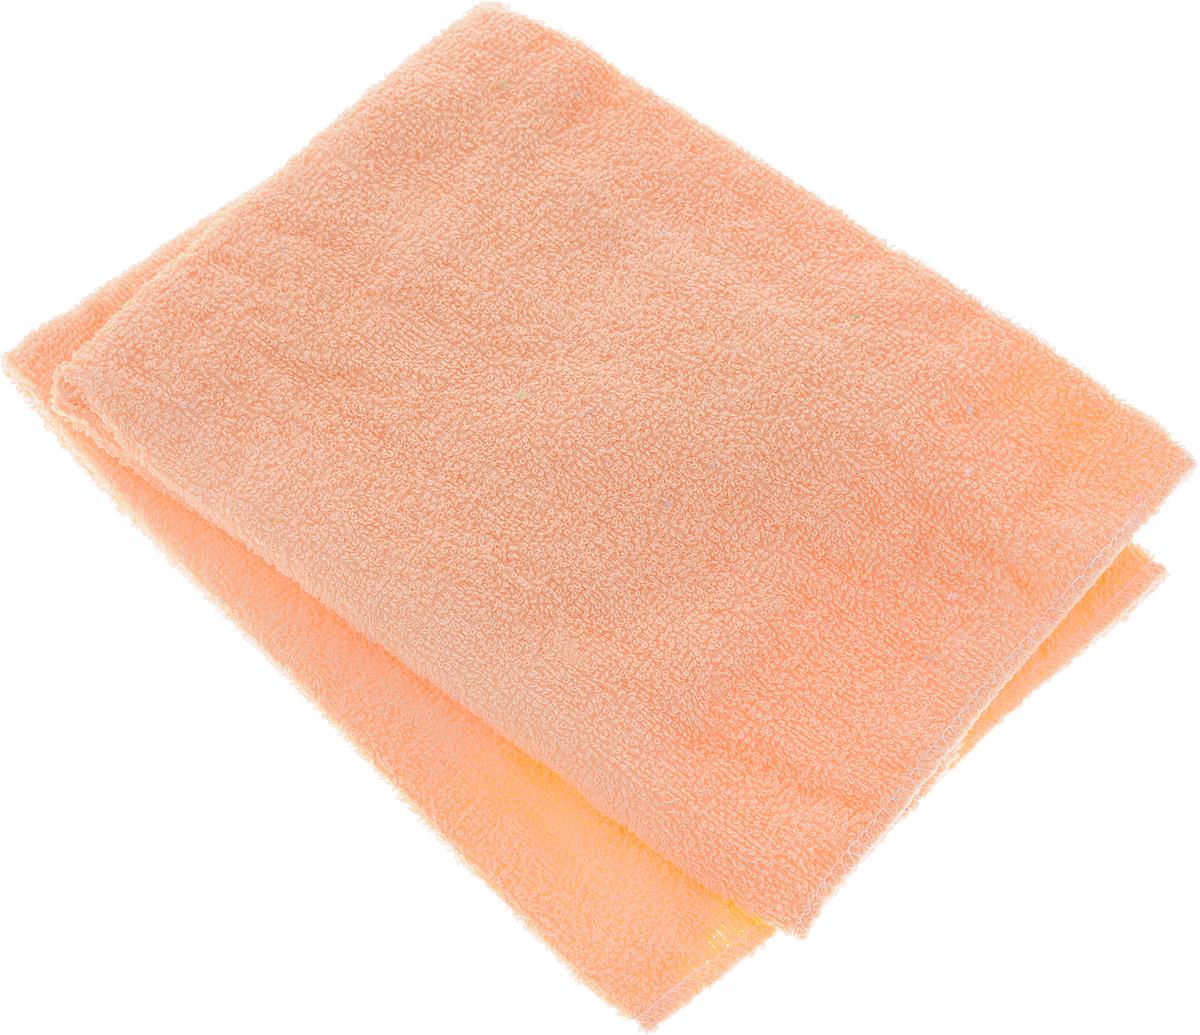 Салфетка автомобильная Главдор, для мойки и полировки, цвет: персиковый, 39 х 39 см, 2 штGL-89-003_персиковыйСалфетки Главдор выполнены из мягкой махровой ткани (100% хлопок). Изделия хорошо подходят для удаления пыли, нанесения очистителей и полиролей, также используются для располировки автомобильной косметики на любых поверхностях автомобиля. Можно стирать, многократного применения.